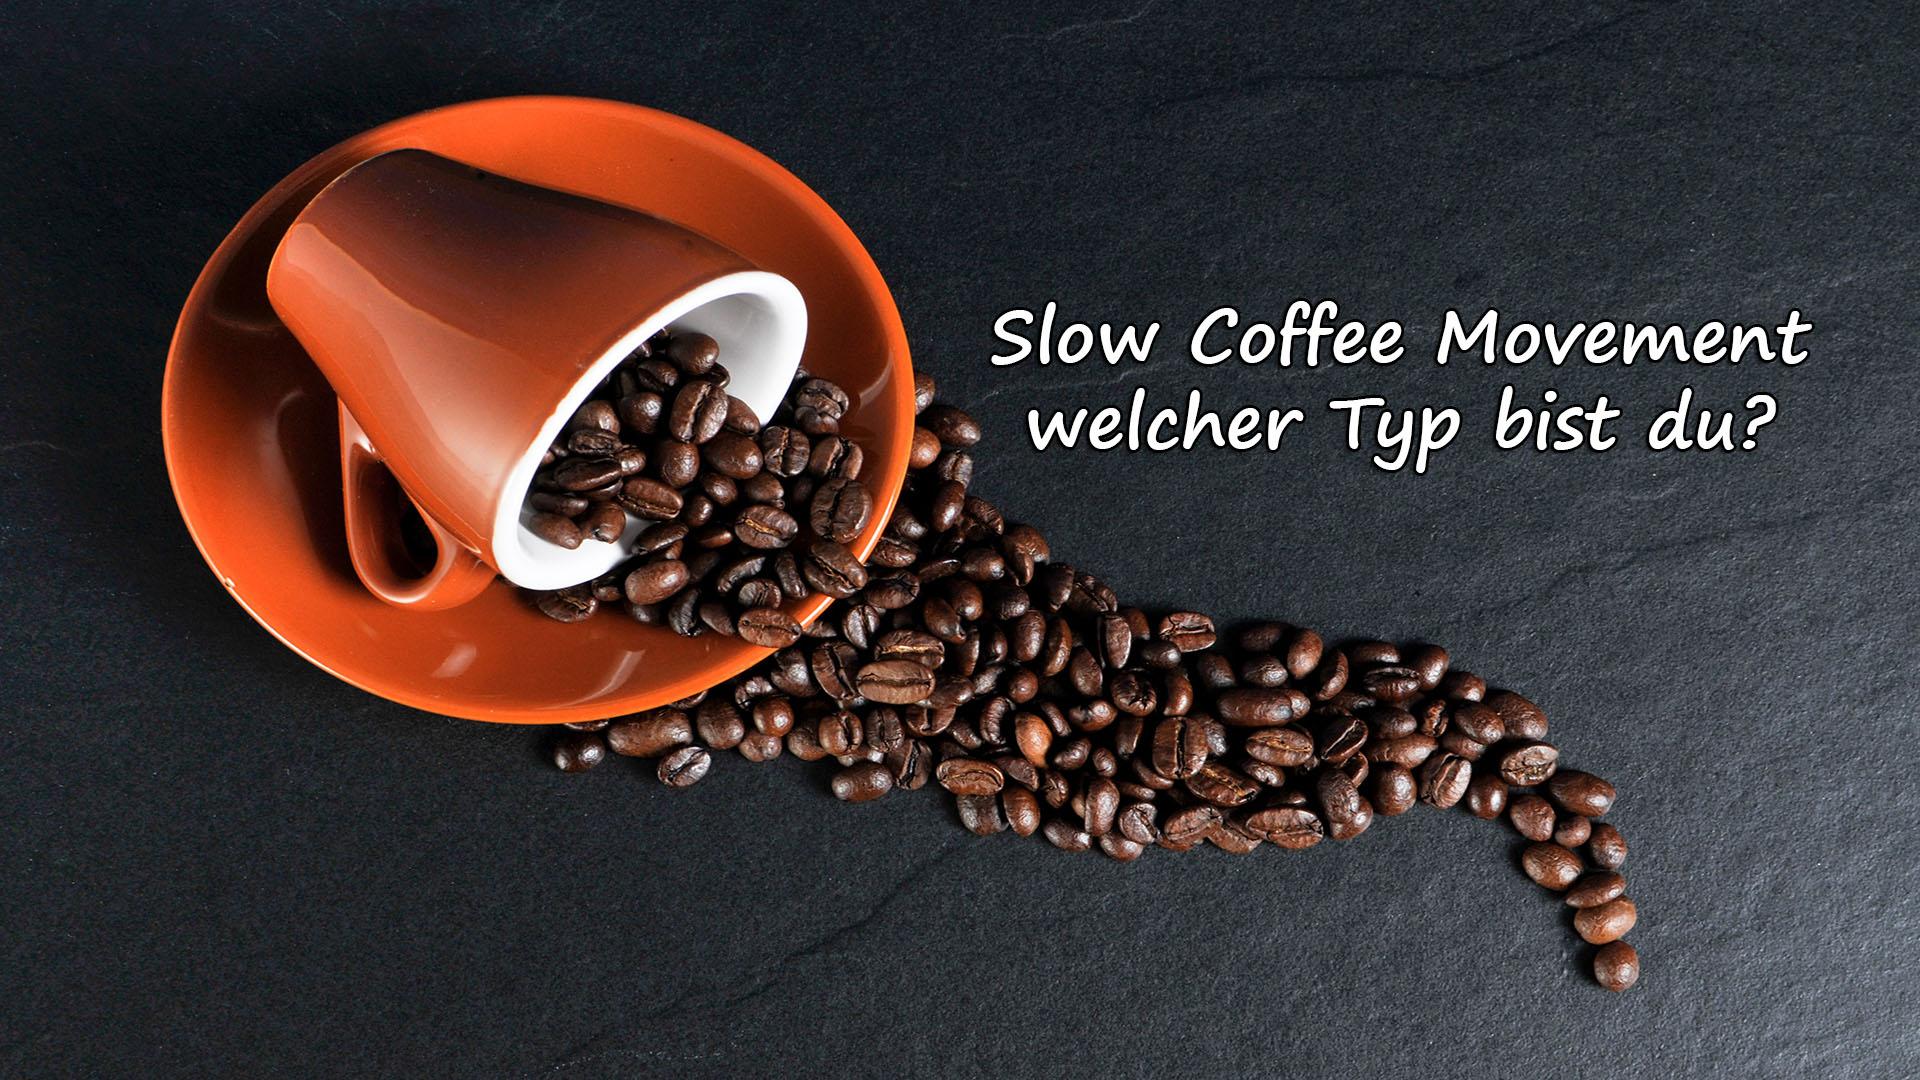 Slow Coffee Movement welcher Typ bist du auf Kochen-verstehen.de